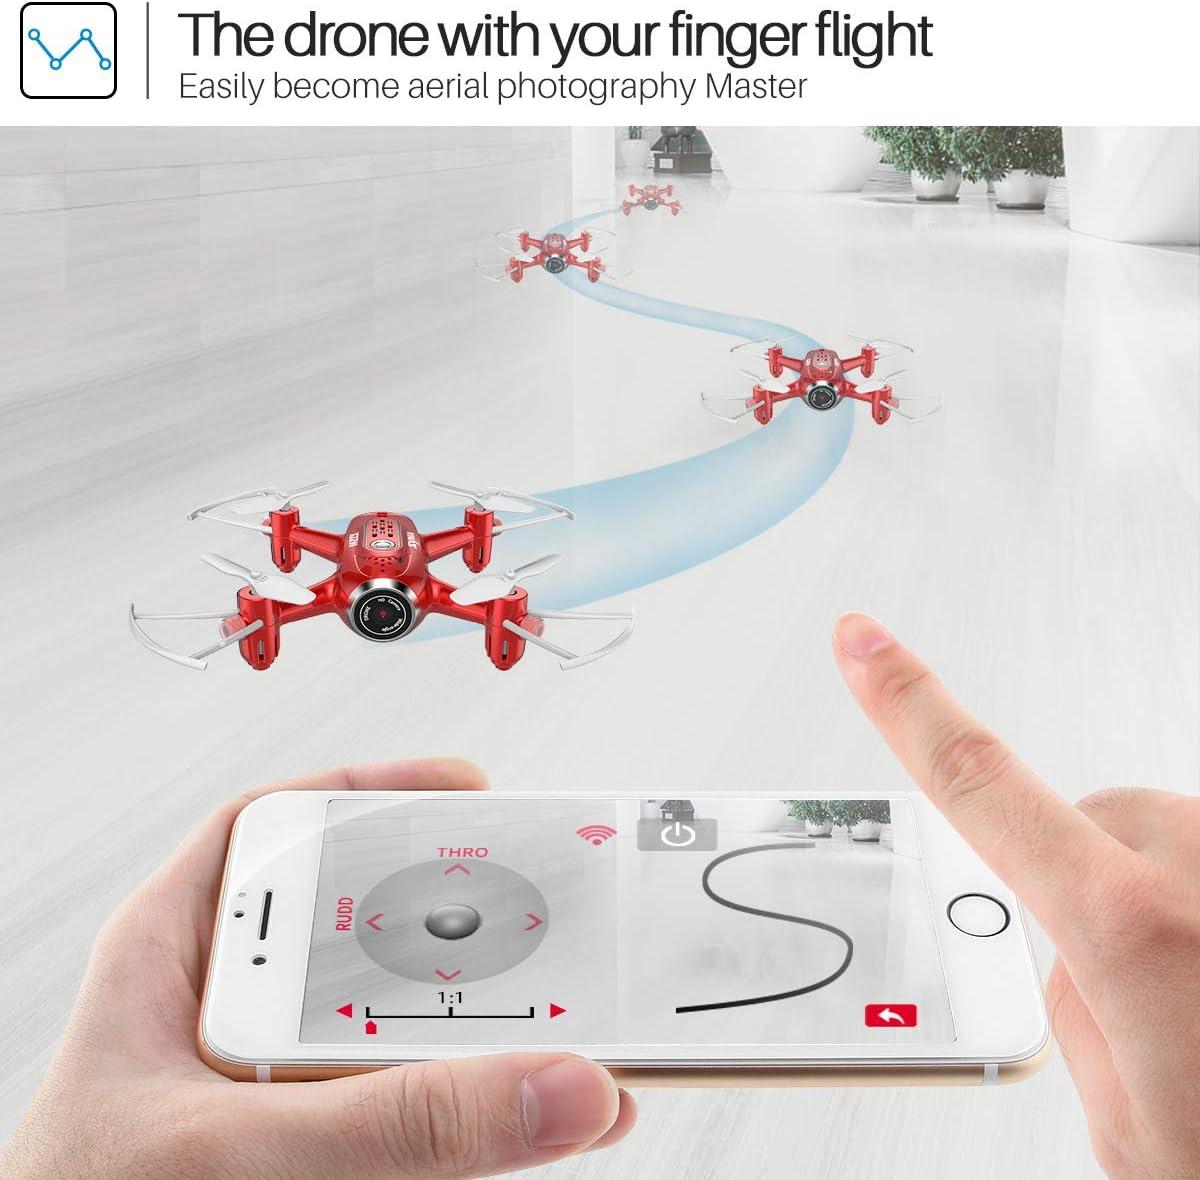 syma x22w mini drone review of trajectory mode